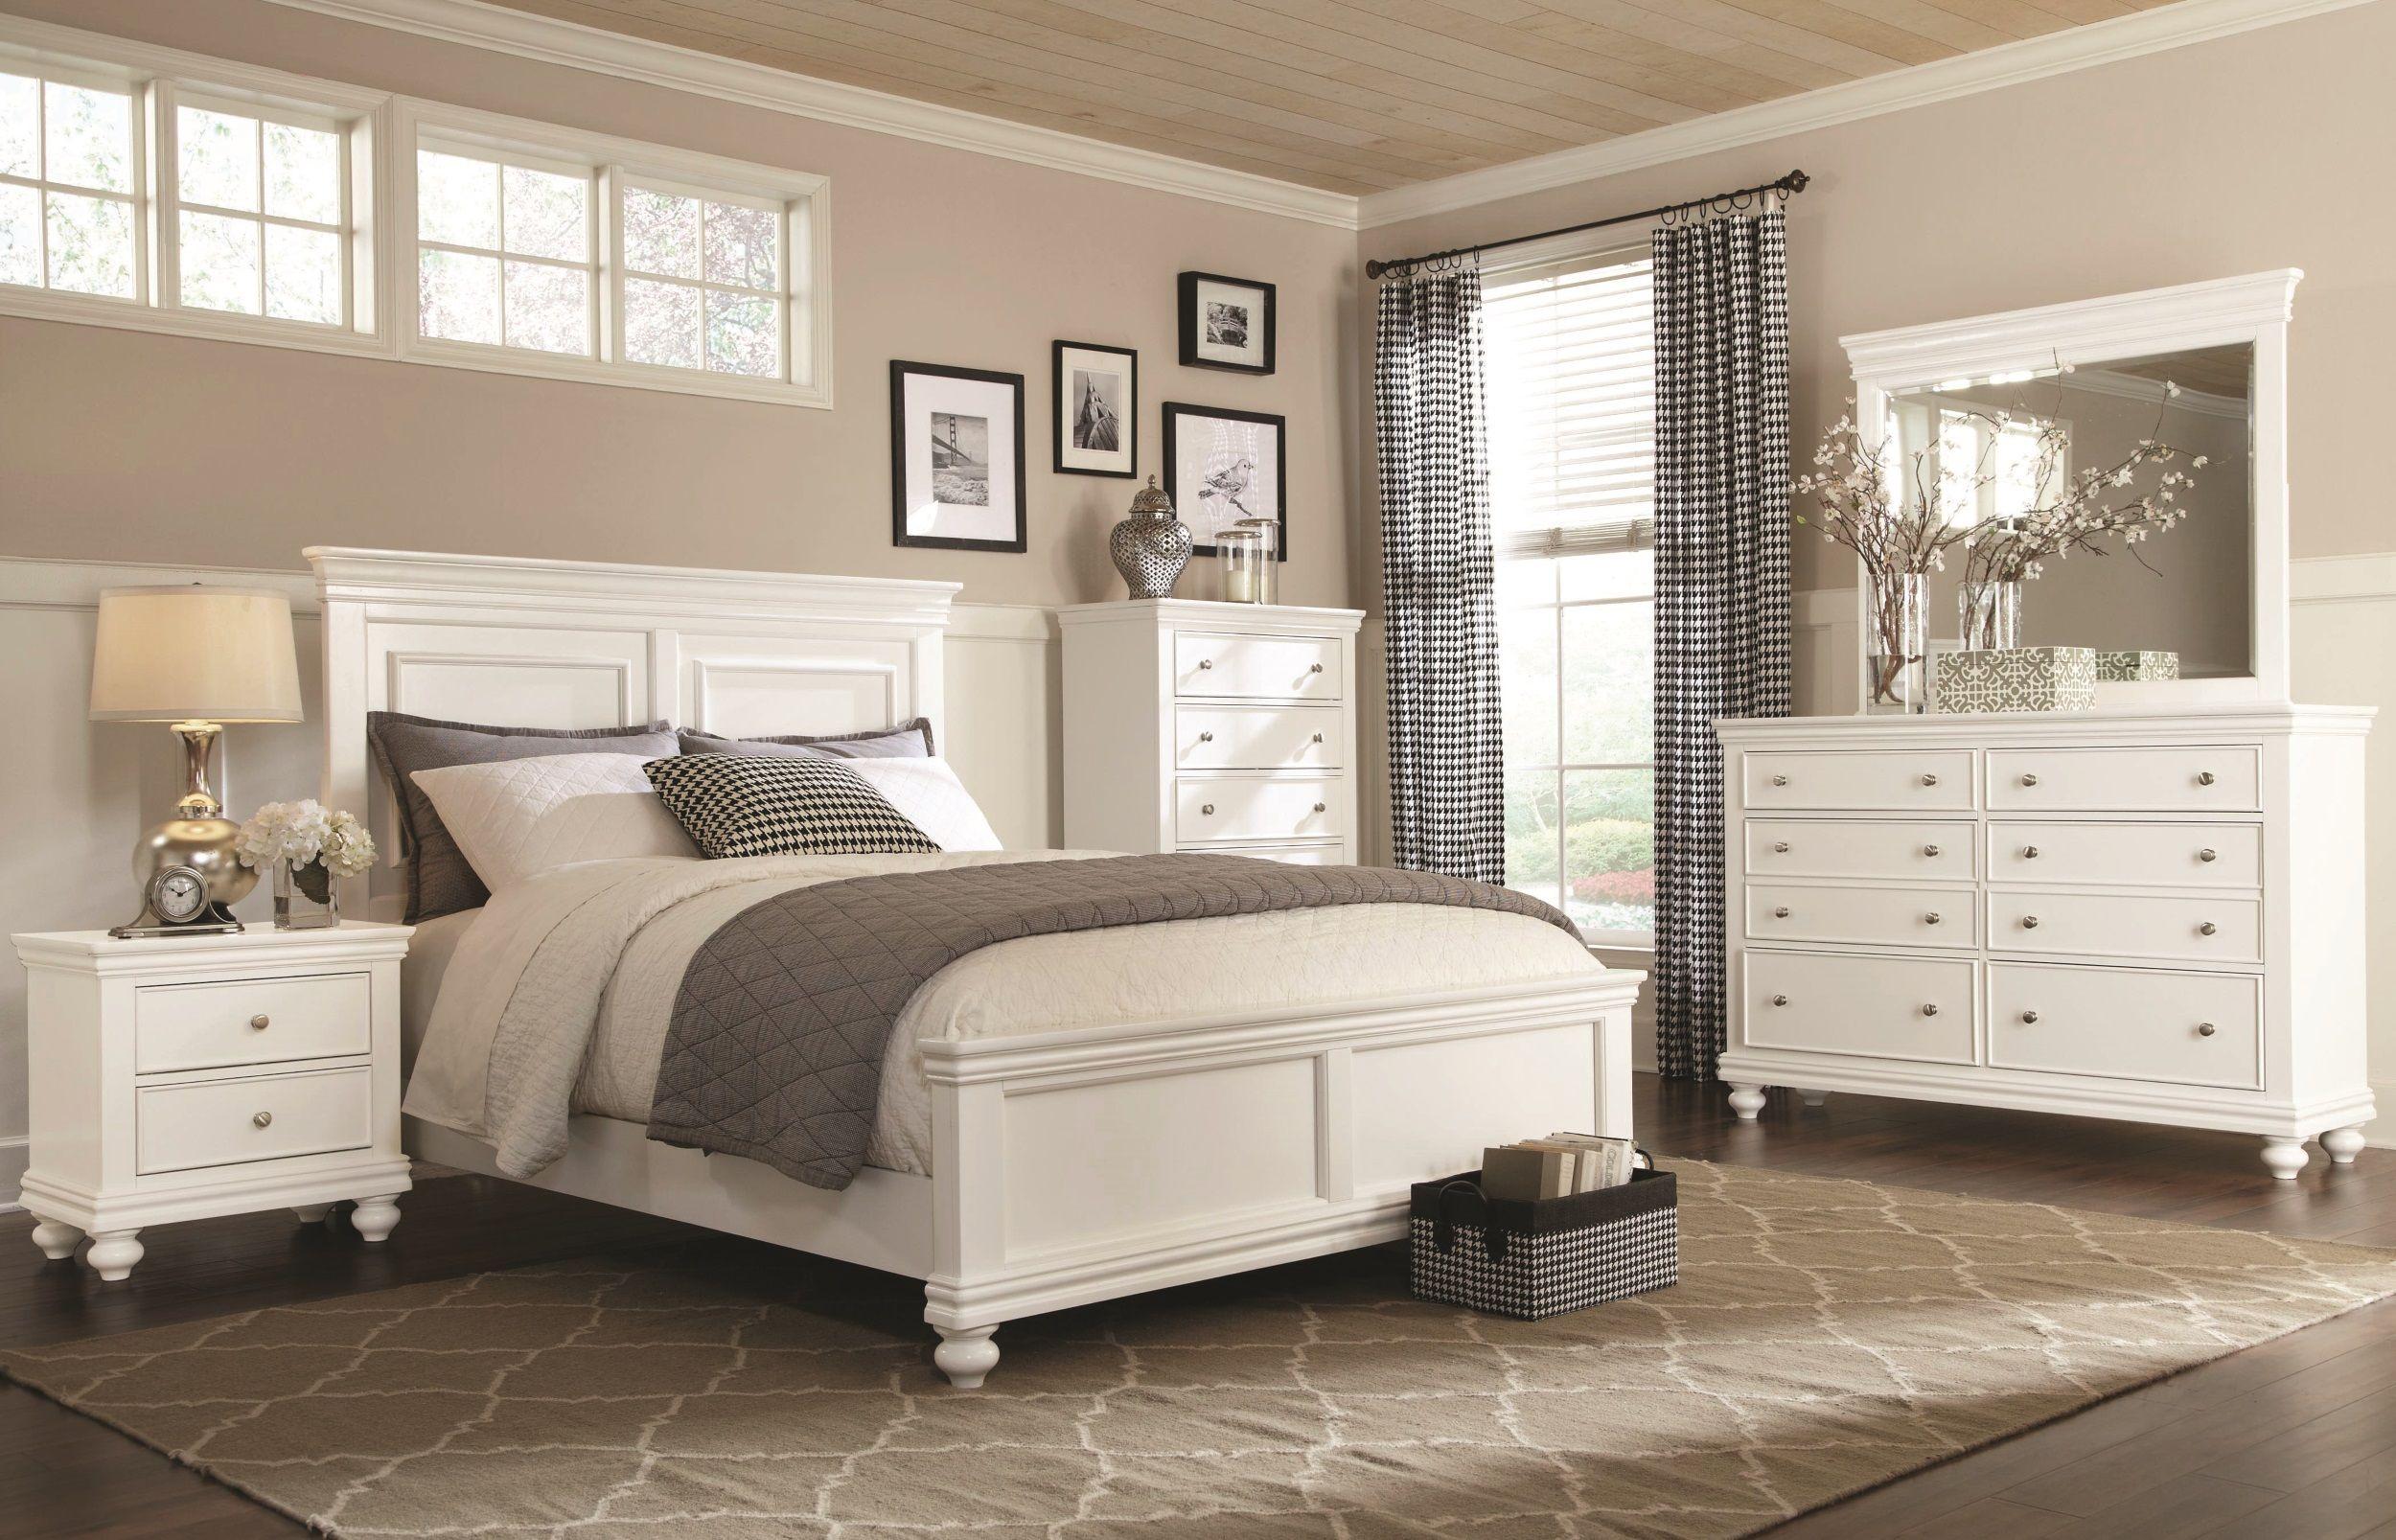 White 4 Piece Queen Bedroom Set - Essex | White bedroom ...